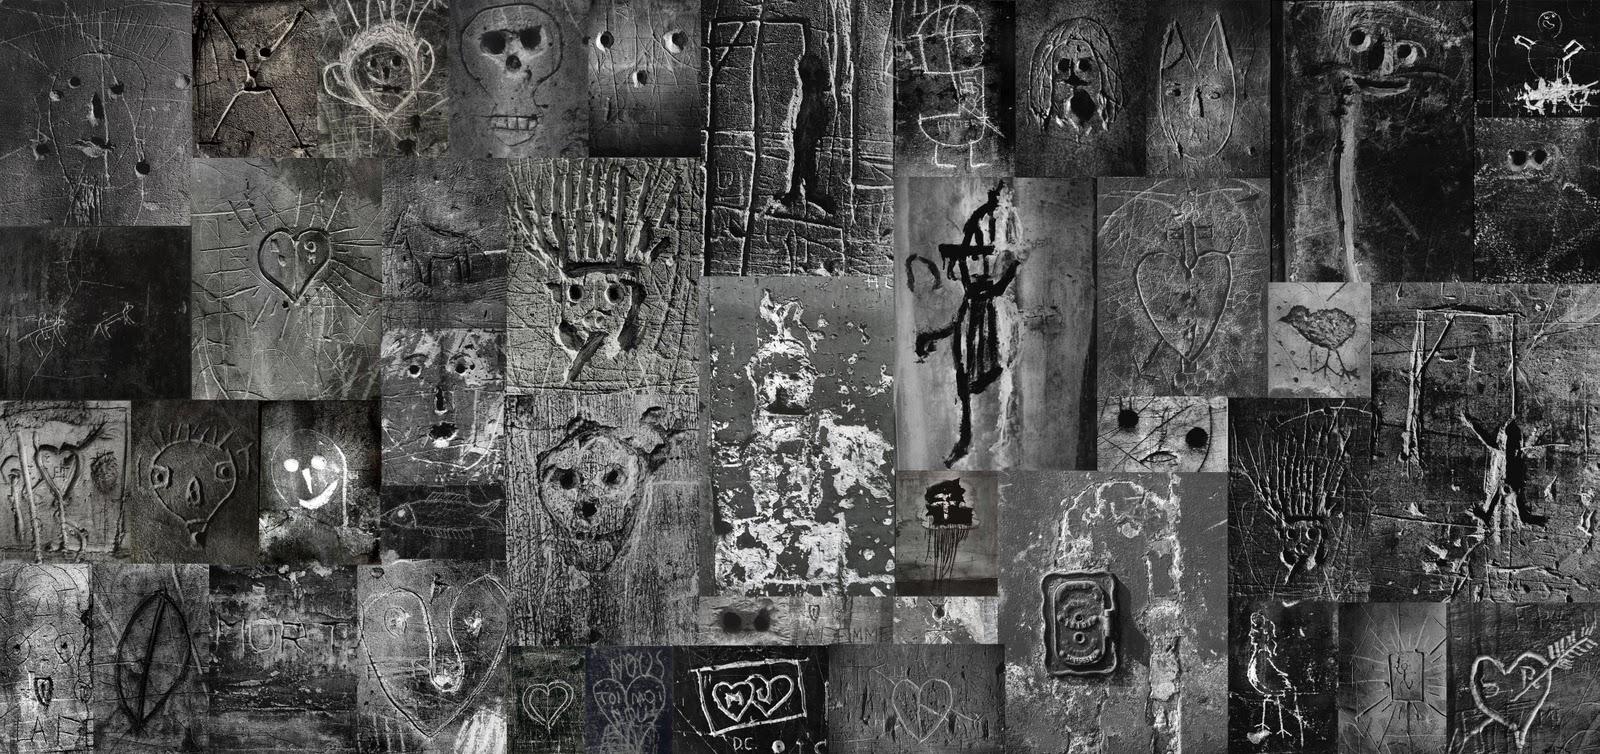 Todos lo grafittis que aparecen en este muro fueron fotografiados por Brassai. Puesto que la mayoría de estas imágenes que circulan por internet tienen muy